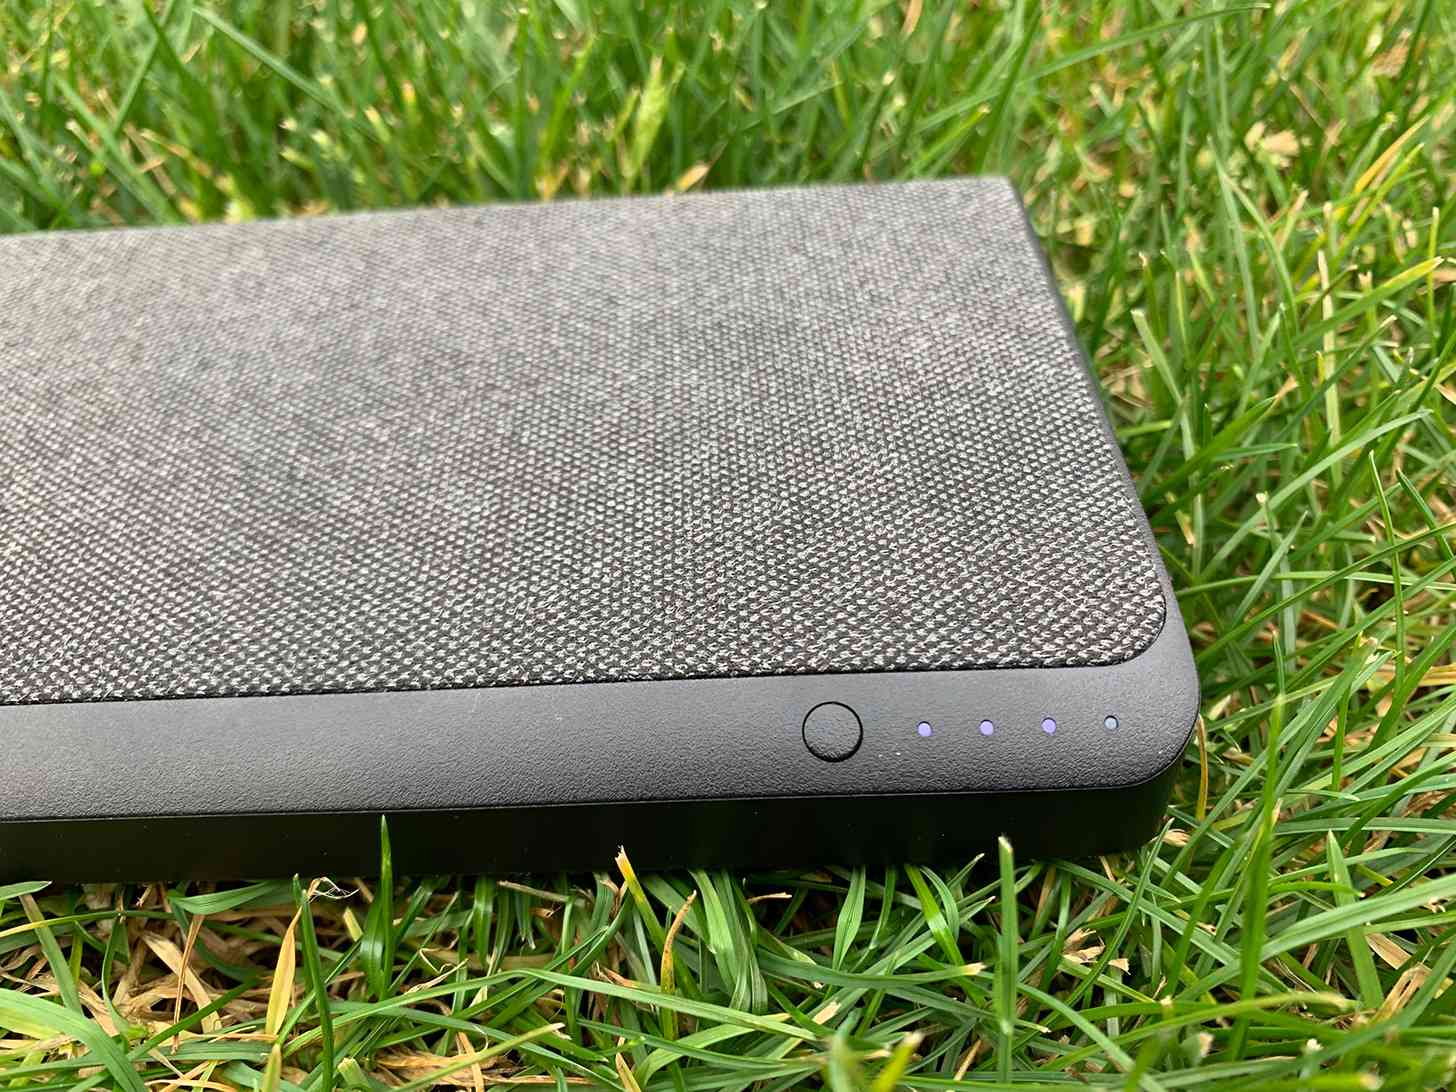 quality design 36f42 1a1e2 Mophie Powerstation USB-C 3XL review | PhoneDog